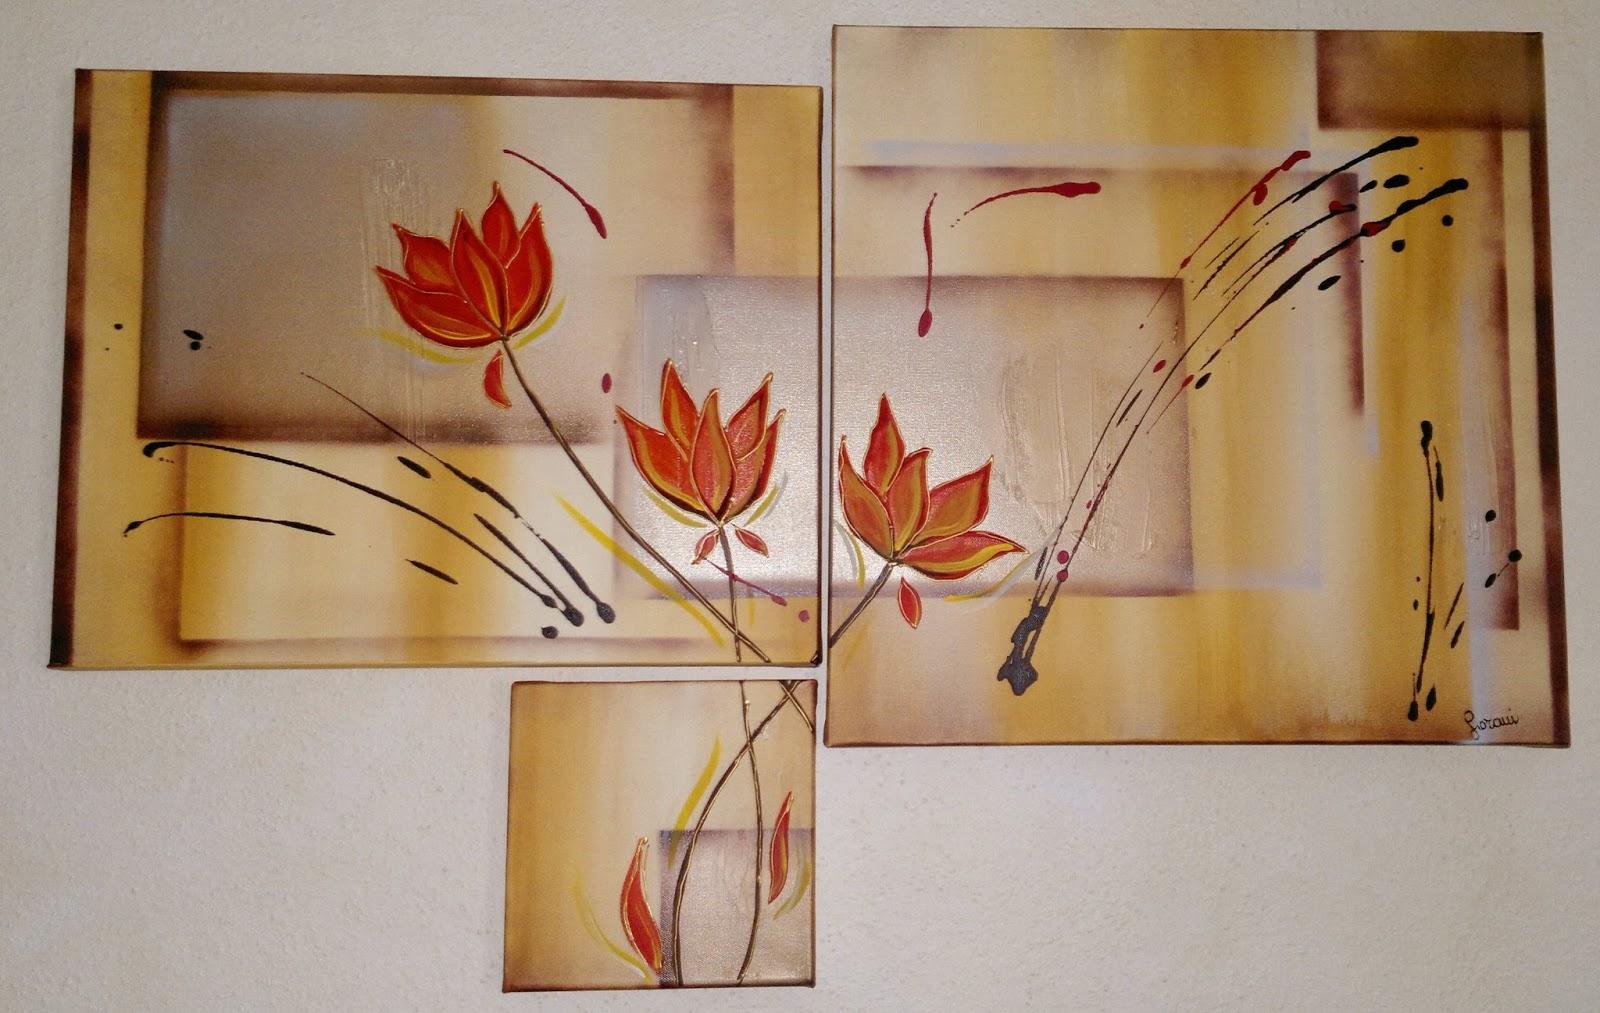 Immagini fiori stilizzati for Immagini di quadri con fiori